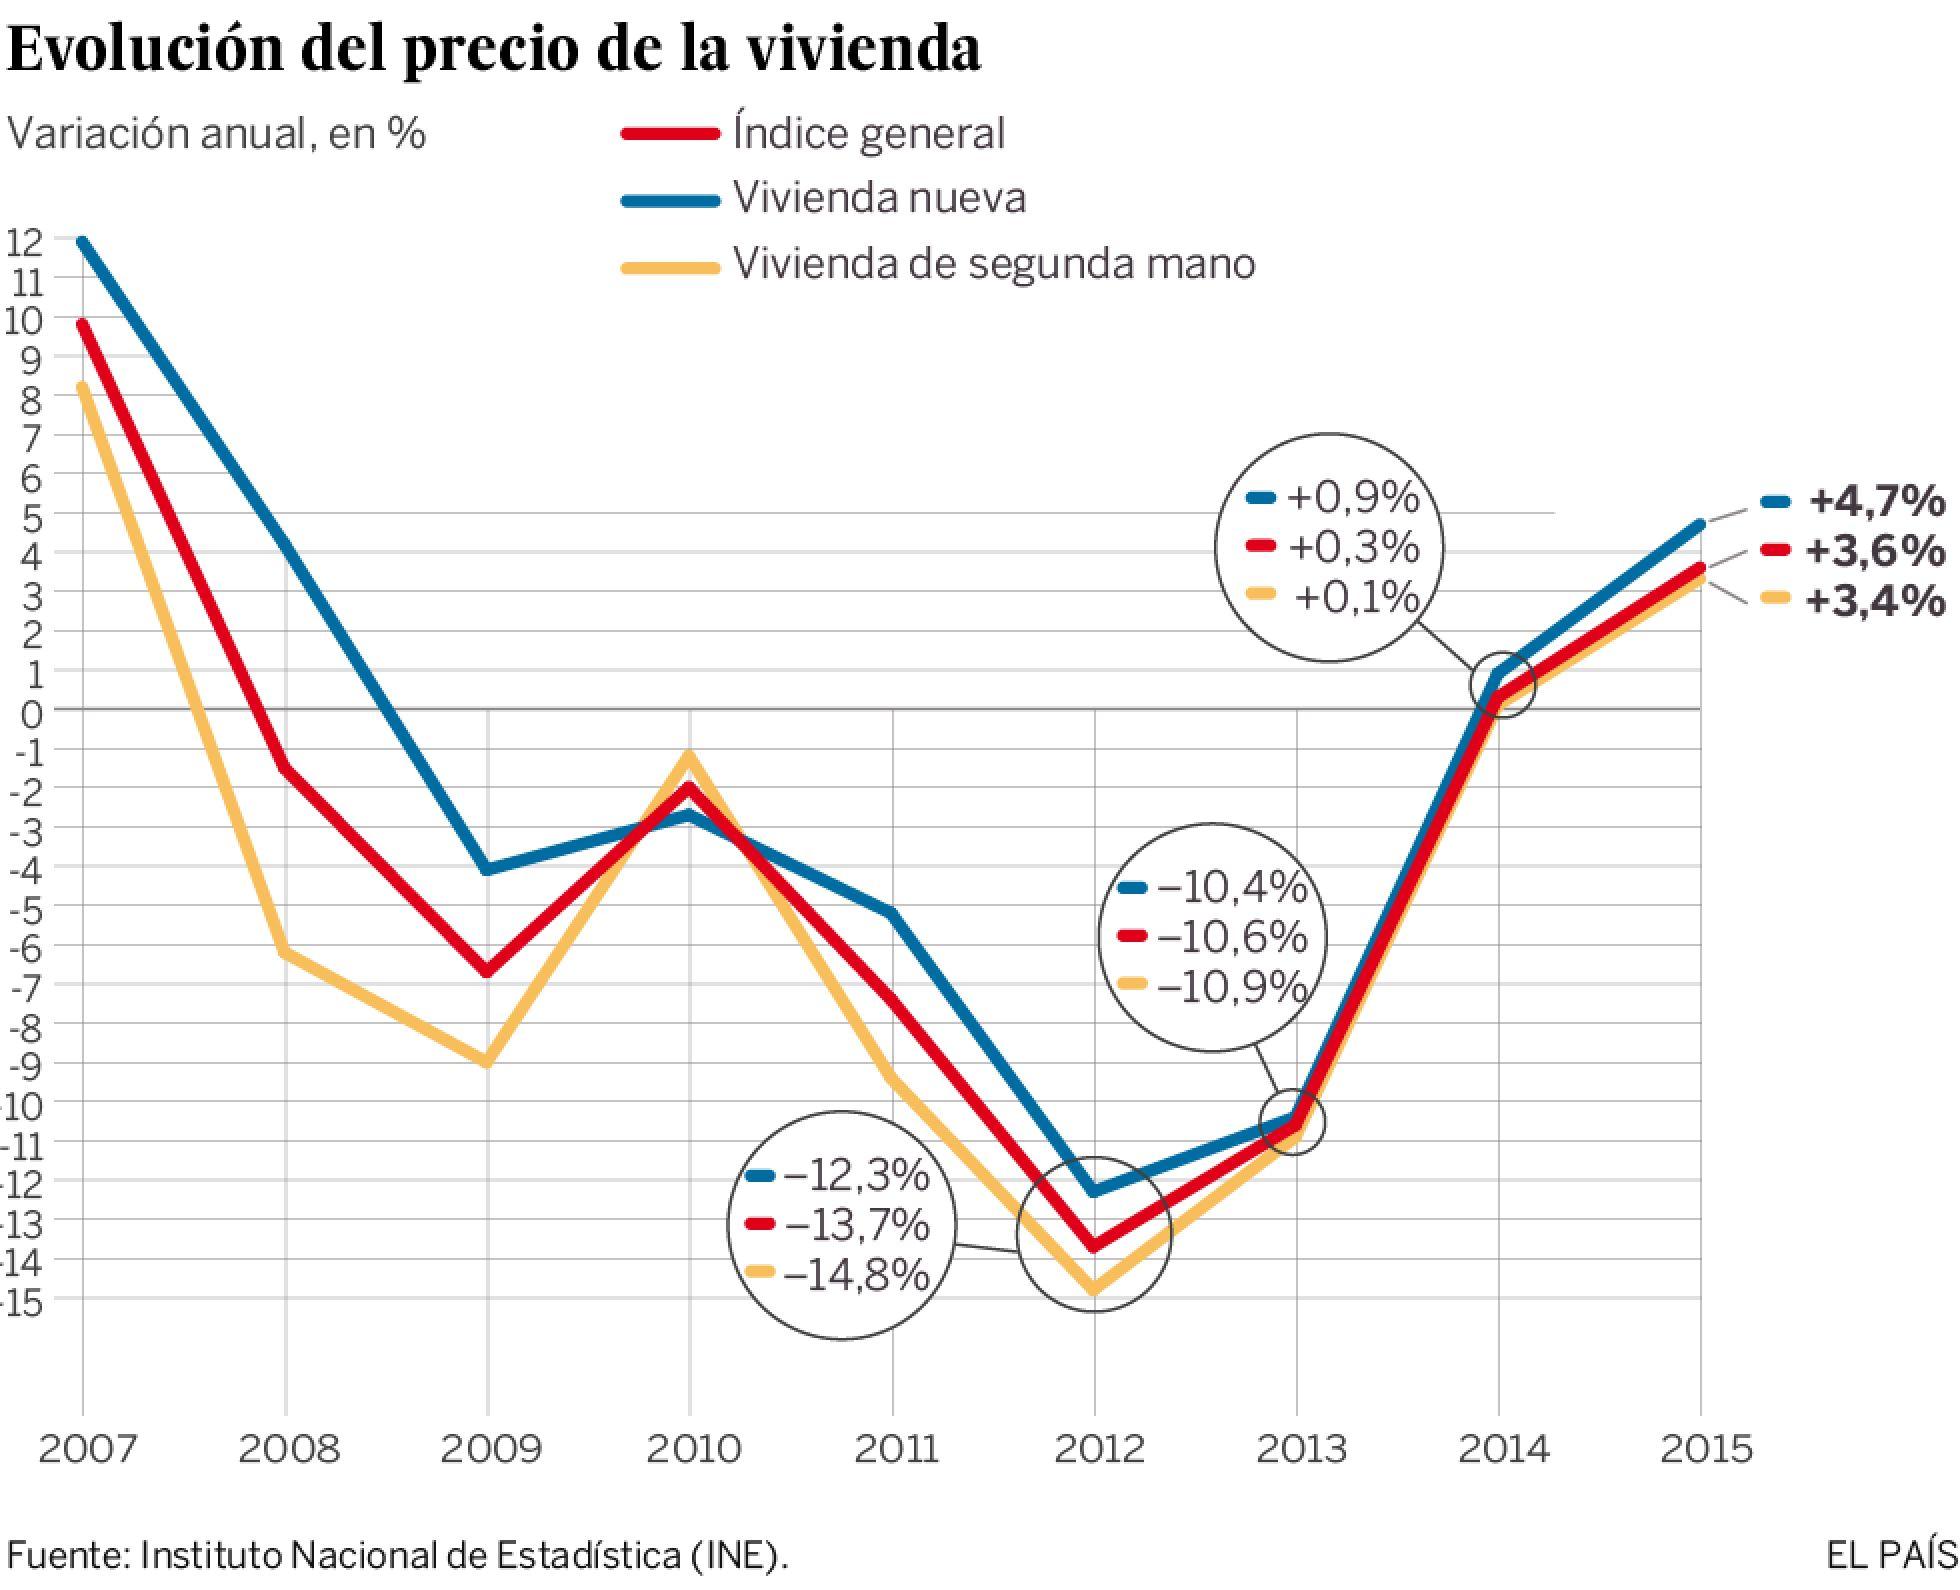 Realidades de la vivienda en el capitalismo español. Luchas contra los desahucios de viviendas. Inversiones y mercado inmobiliario - Página 16 1457512058_208582_1457527832_sumario_normal_recorte1